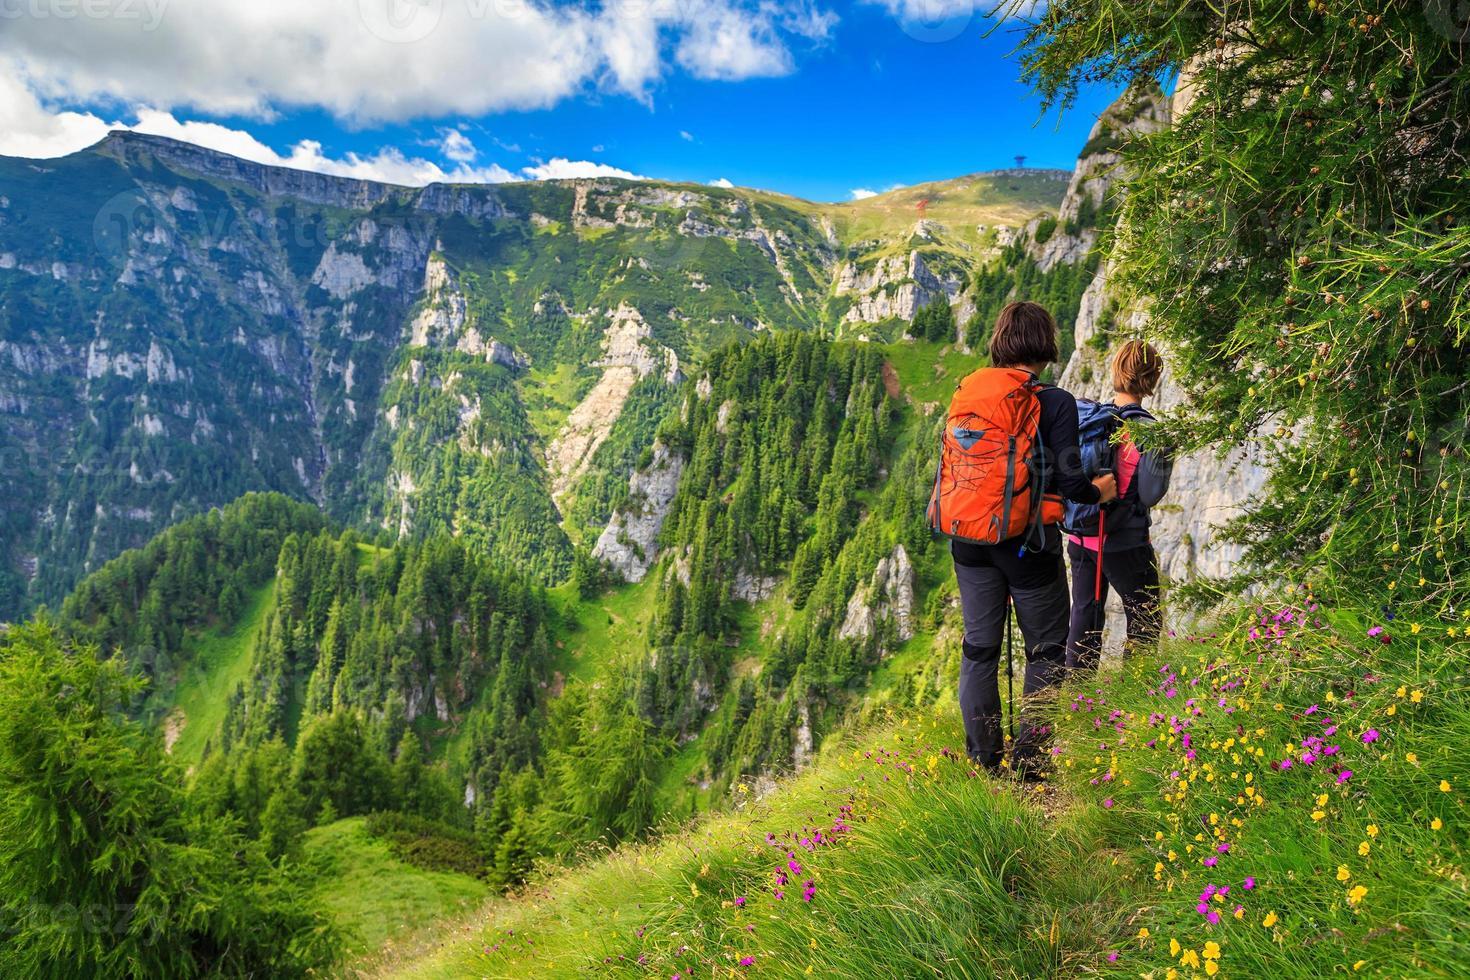 Young woman's hikers walking in mountains,Bucegi,Carpathians,Transylvania,Romania photo